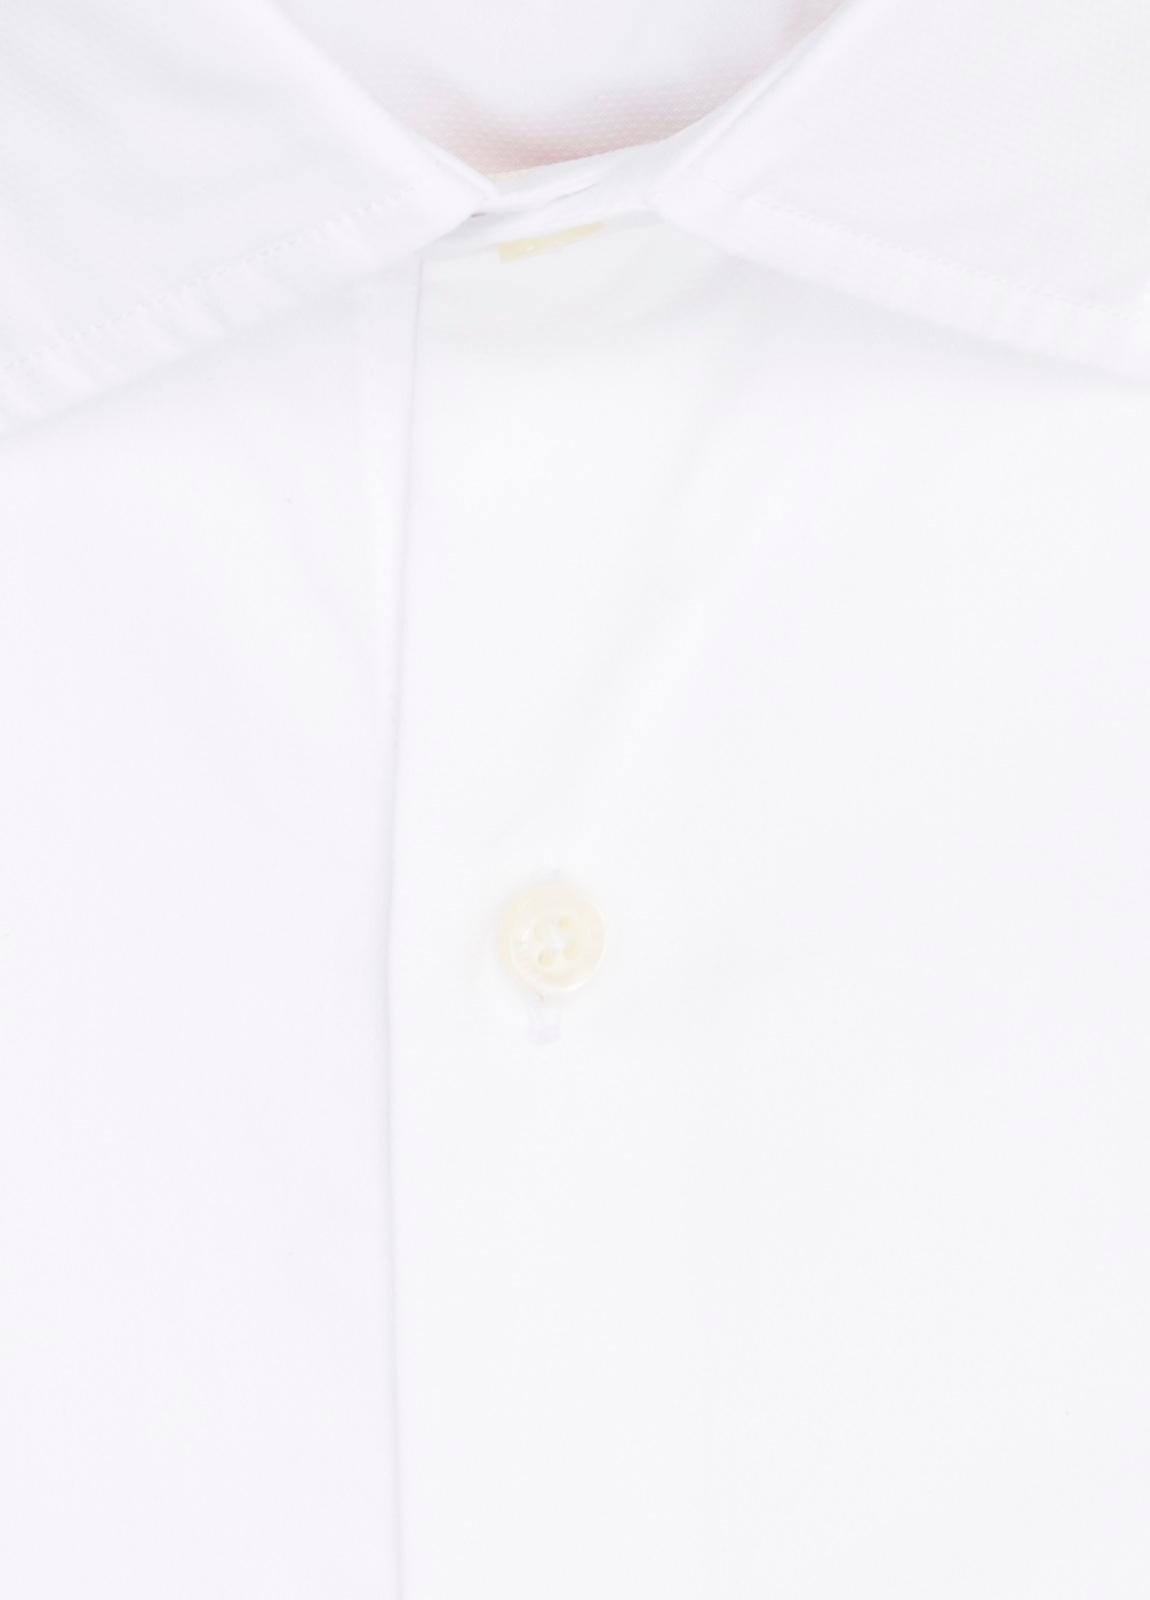 Camisa Casual Wear FUREST COLECCIÓN slim fit textura blanco - Ítem1